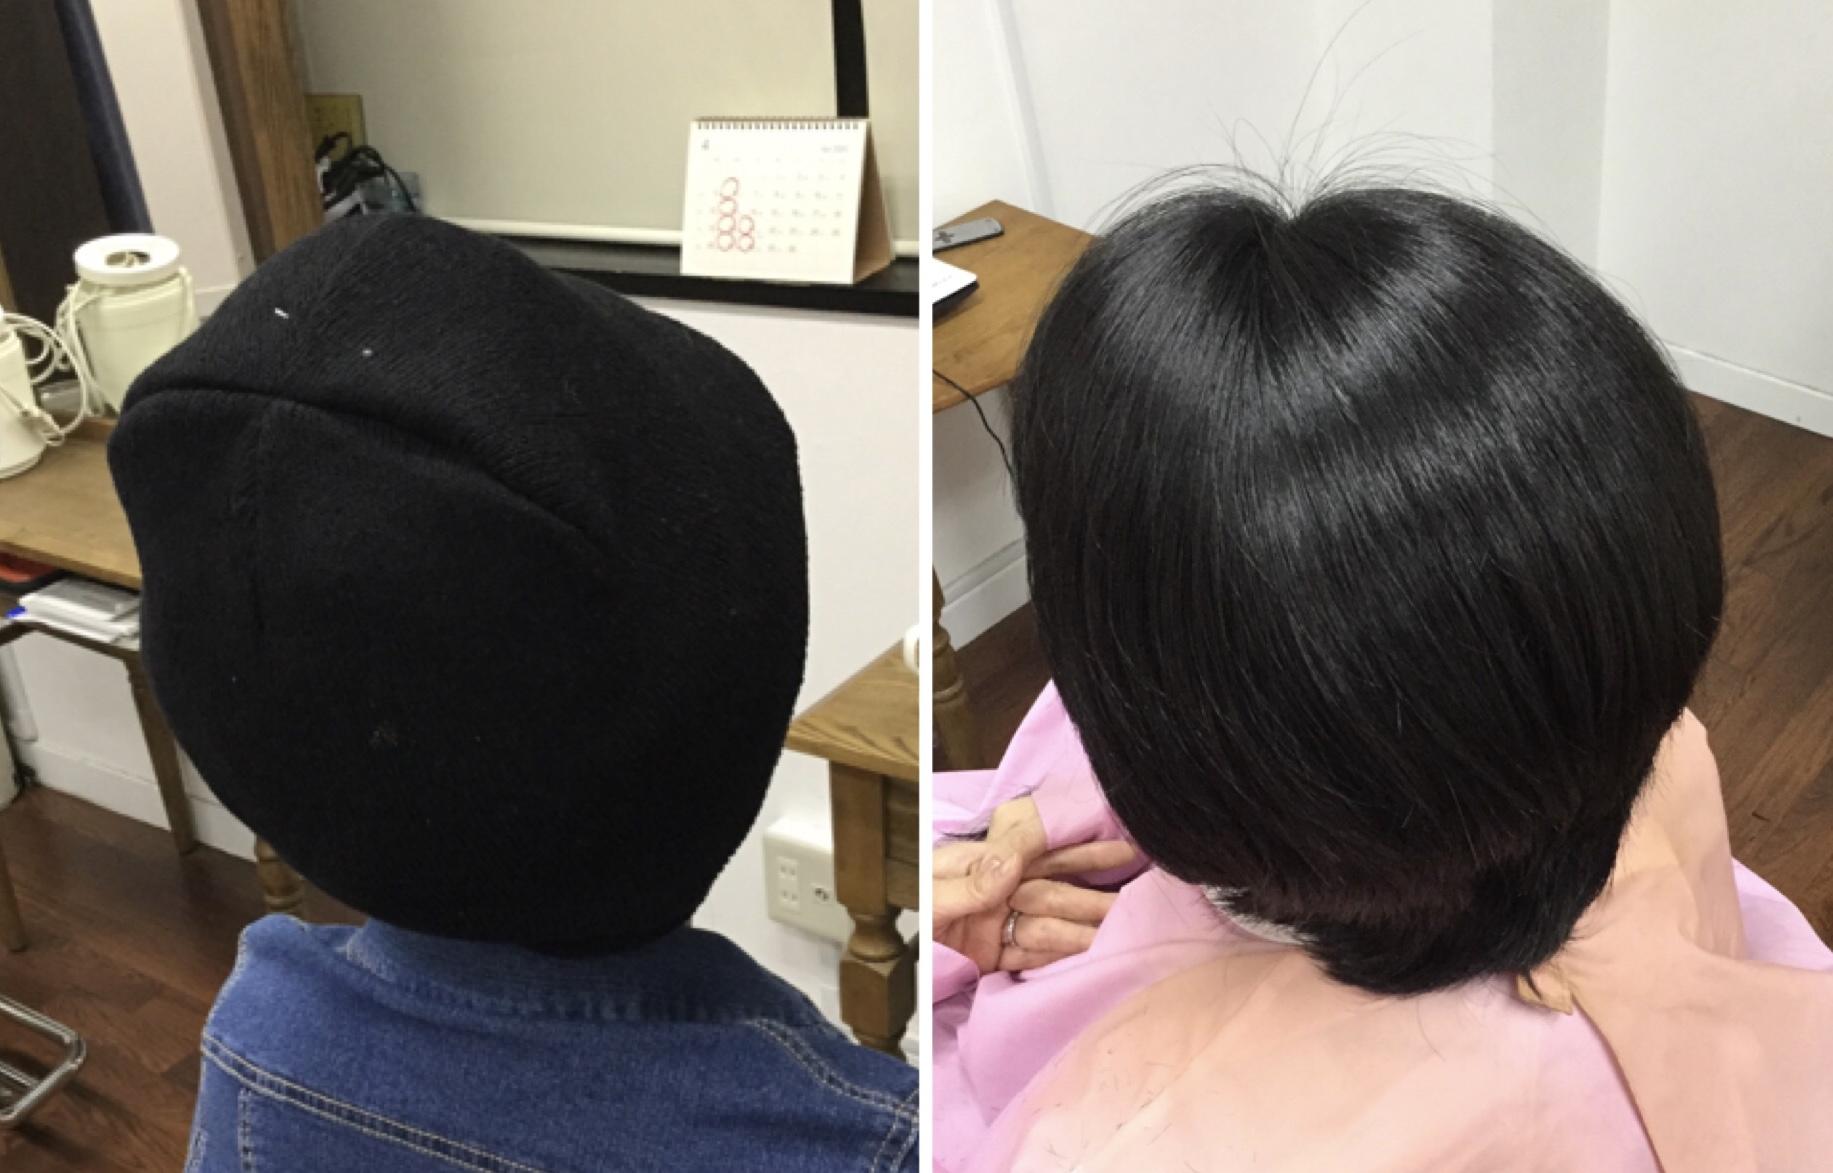 【美容室の滞在時間を短く】しても髪に地肌・身体の健康を考える